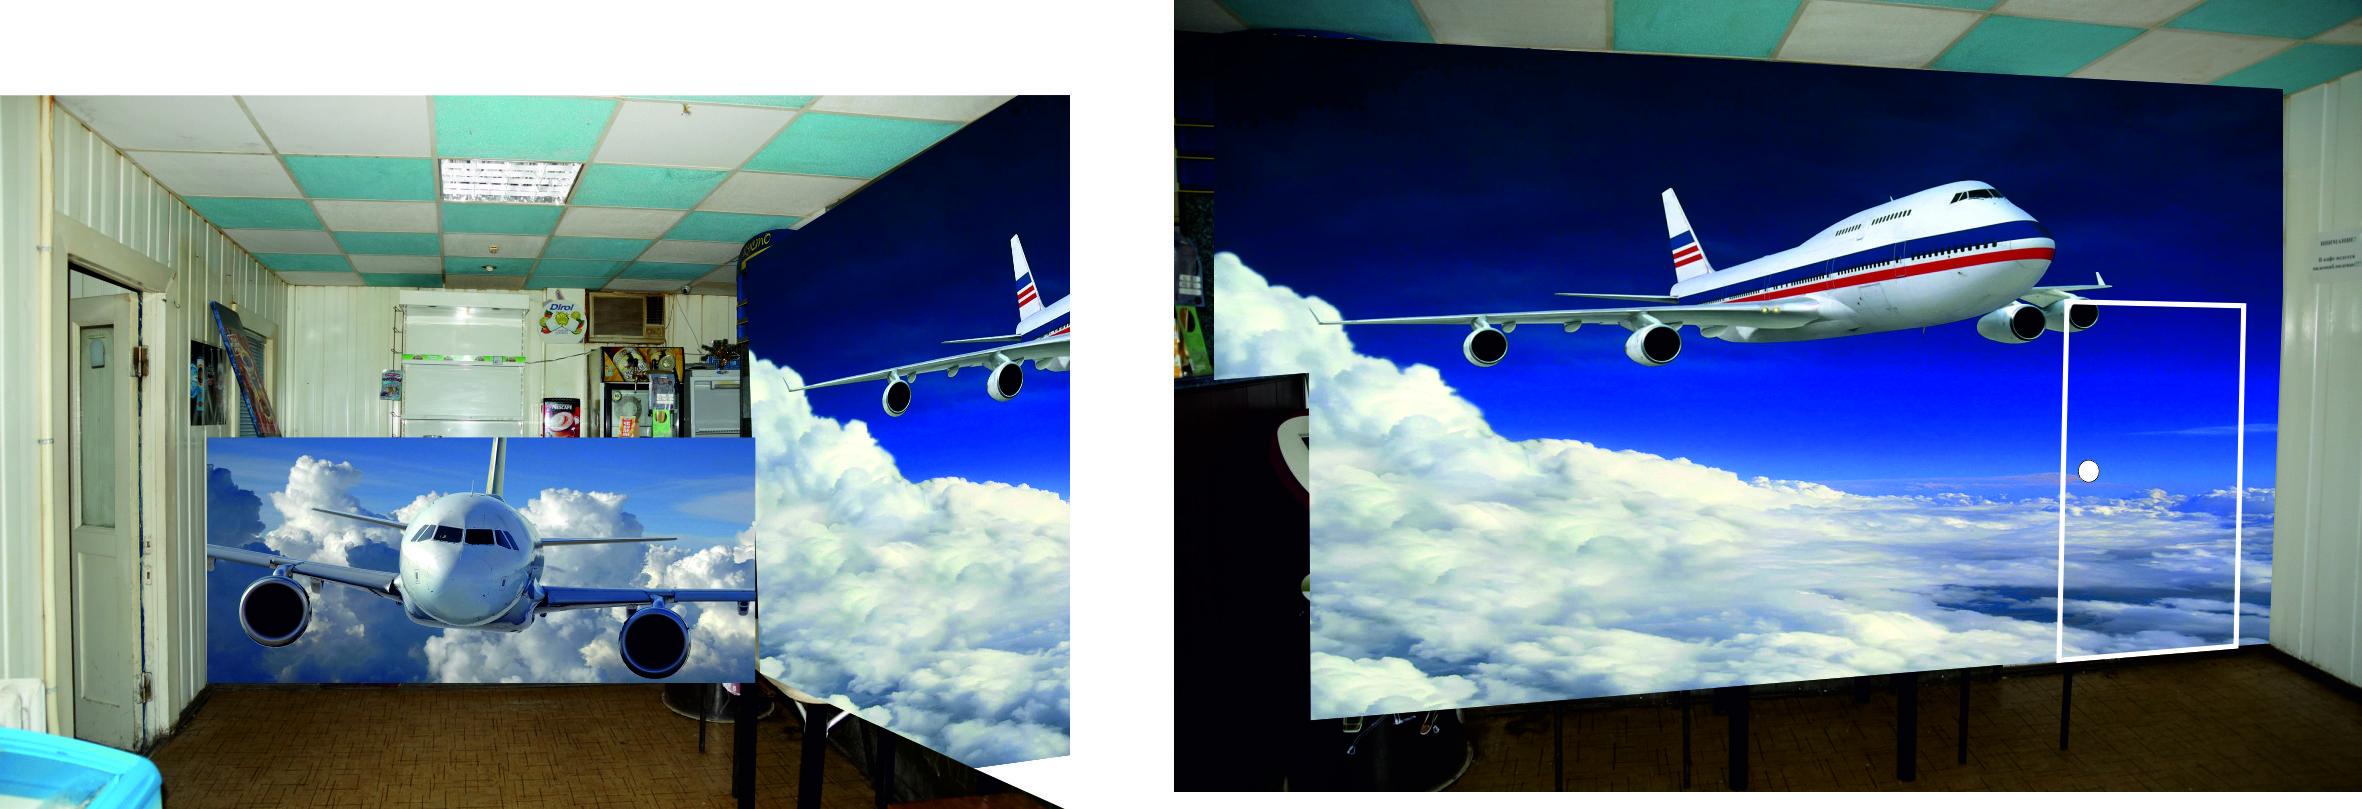 аэропорт внутри 2.jpg